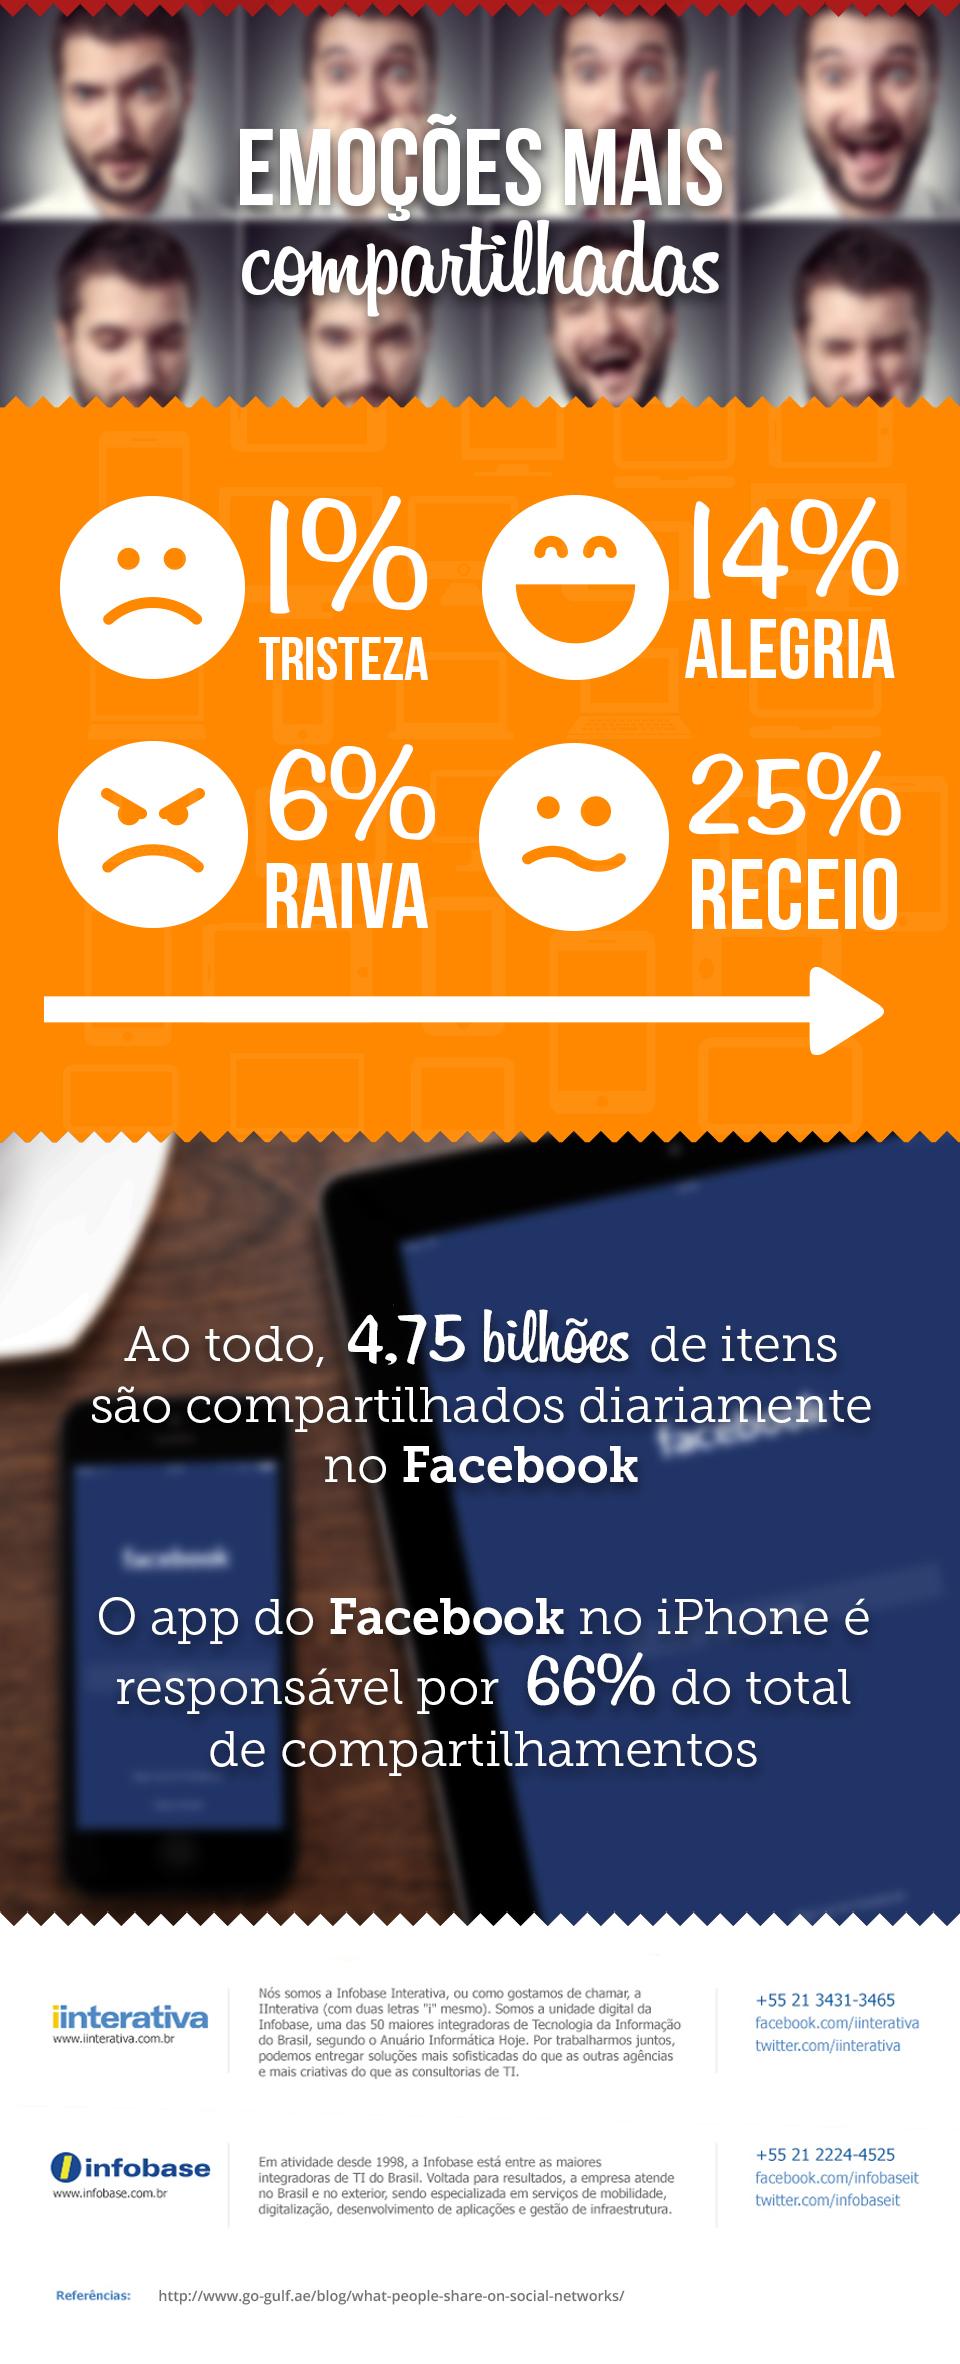 O-que-as-pessoas-compartilham-nas-redes-sociais_05